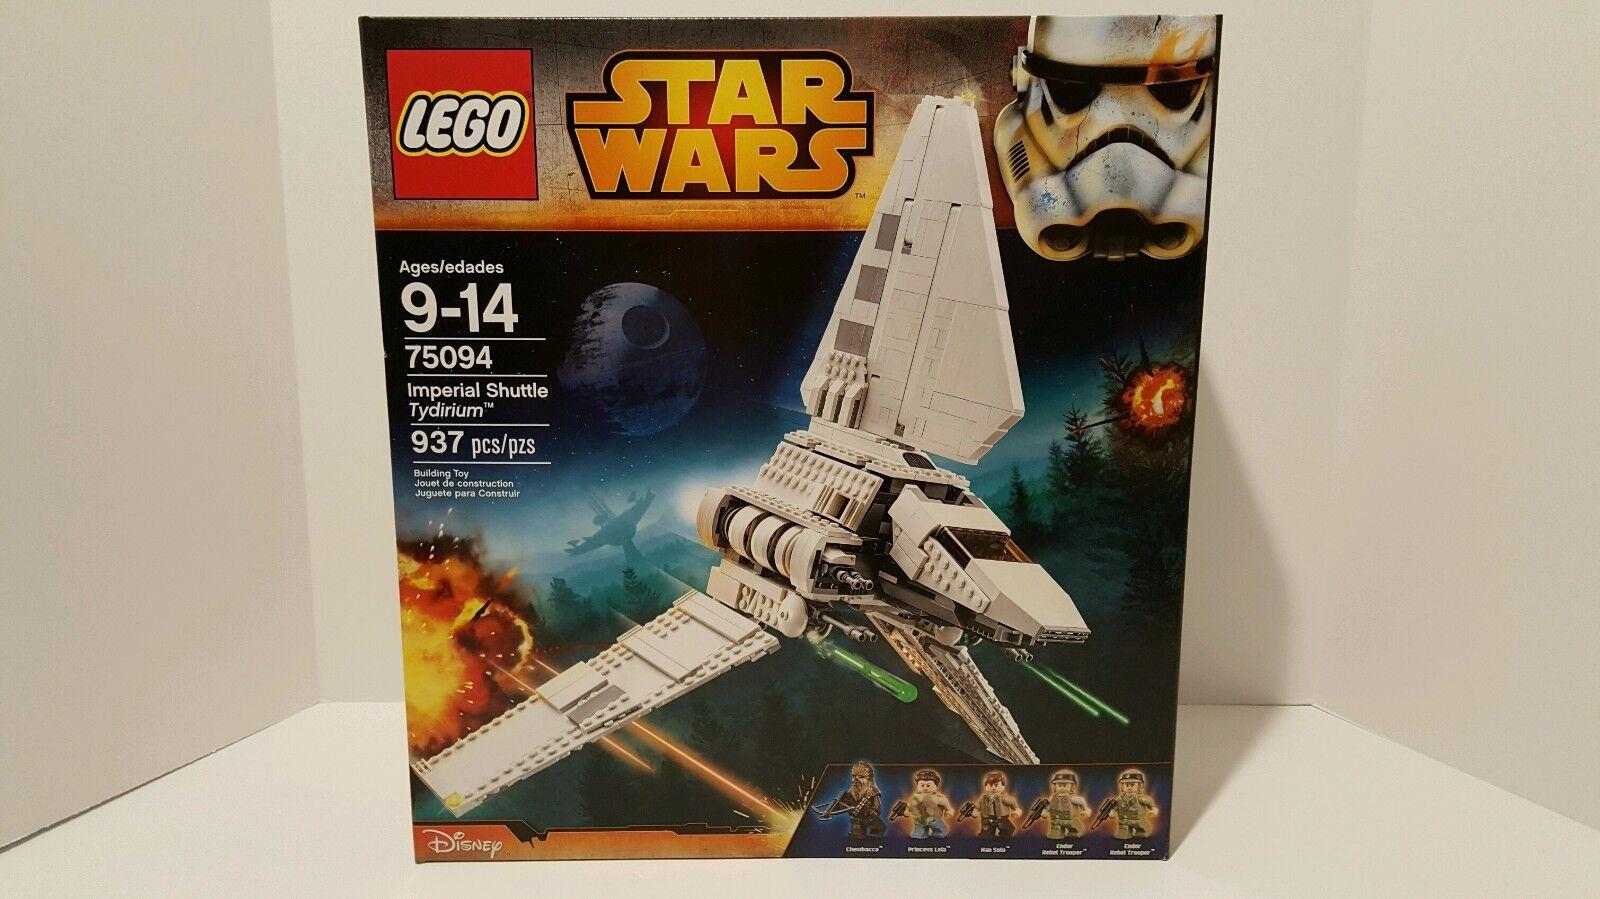 Lego - LEGO Star Wars Imperial Shuttle Tydirium 75094 New and Sealed